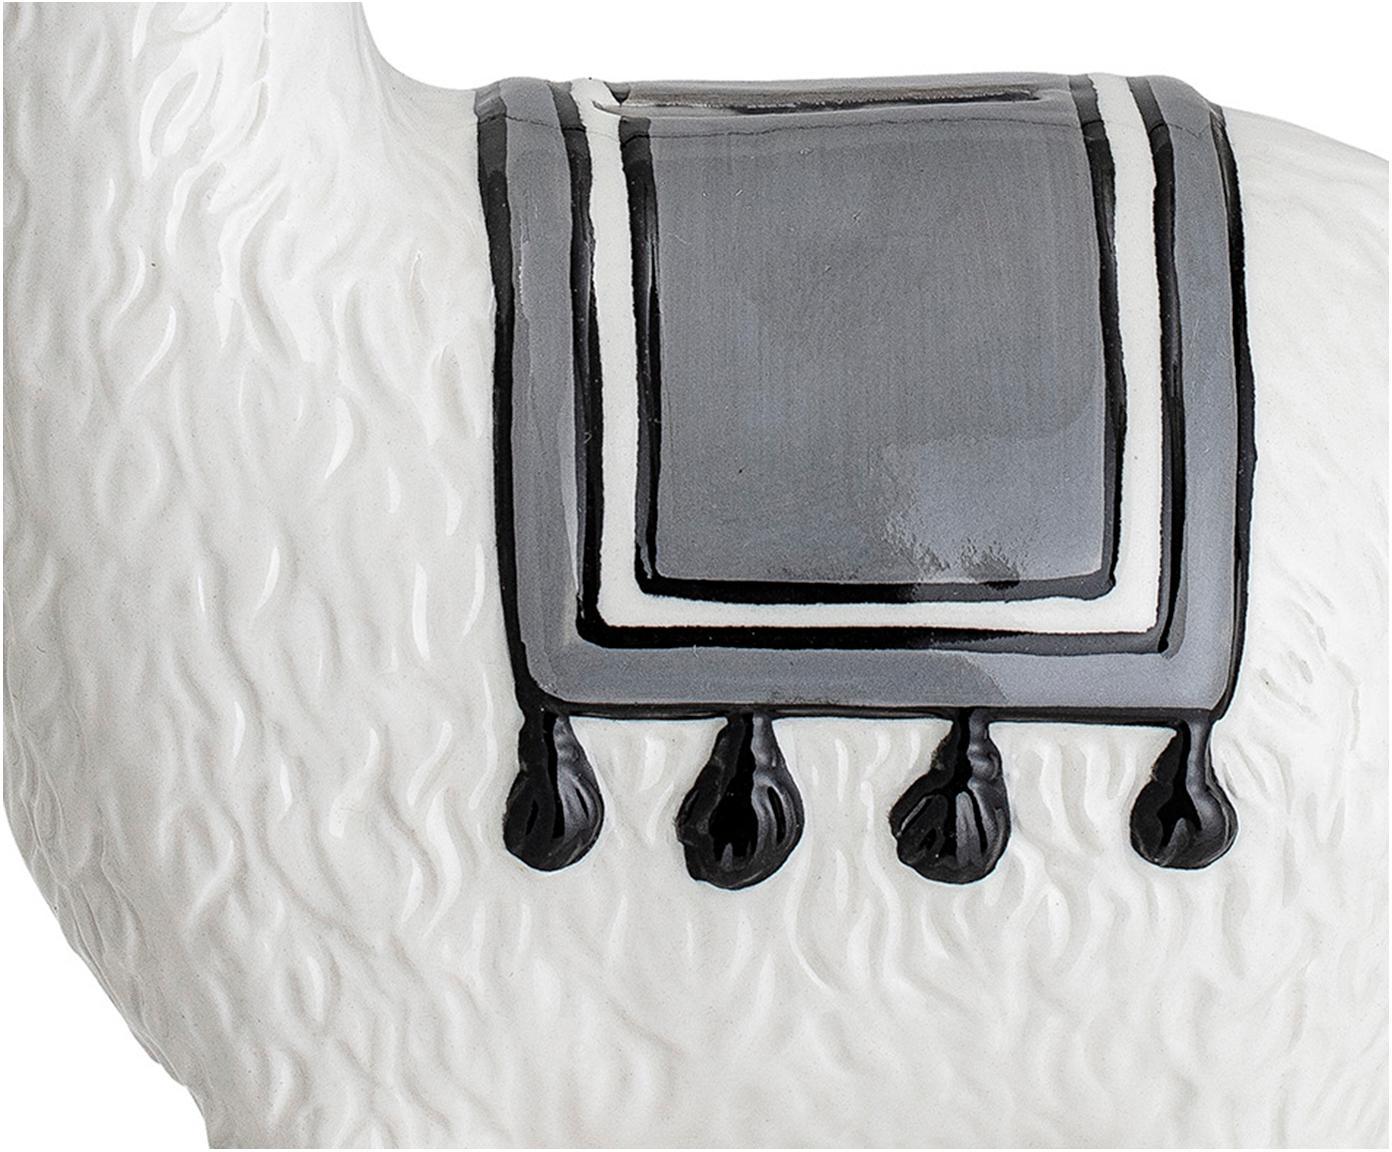 Spardose Lama, Steingut, Weiß, 17 x 18 cm